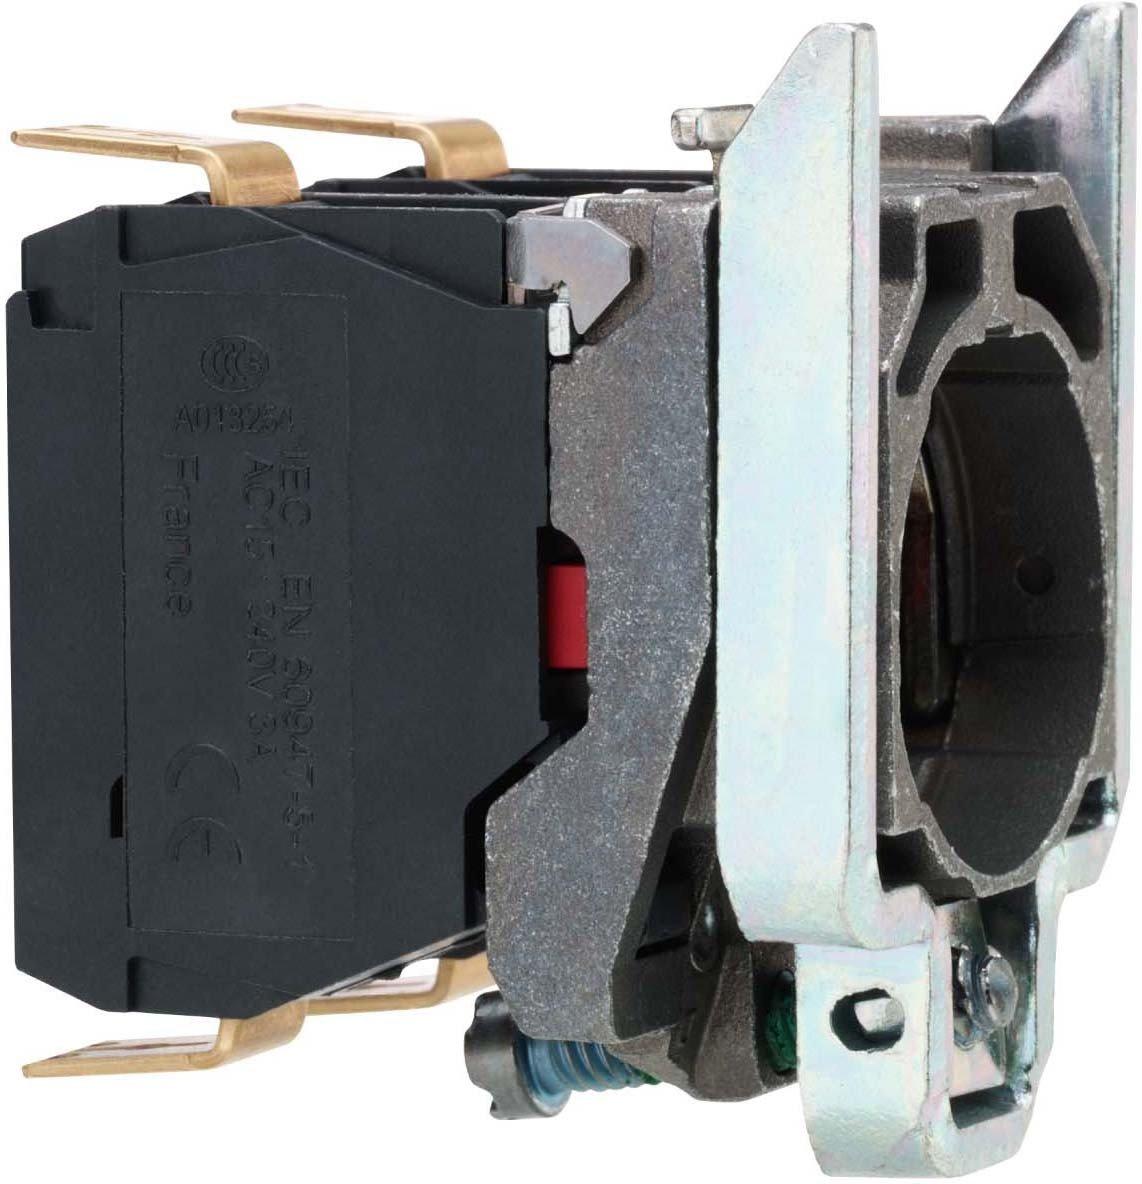 1//4-Zoll Hex Magnetische Bit Schaft mit 6/Bits CDI 2 8/Nm Drehmoment Produkte torqcontrol tla28nm Schraubendreher